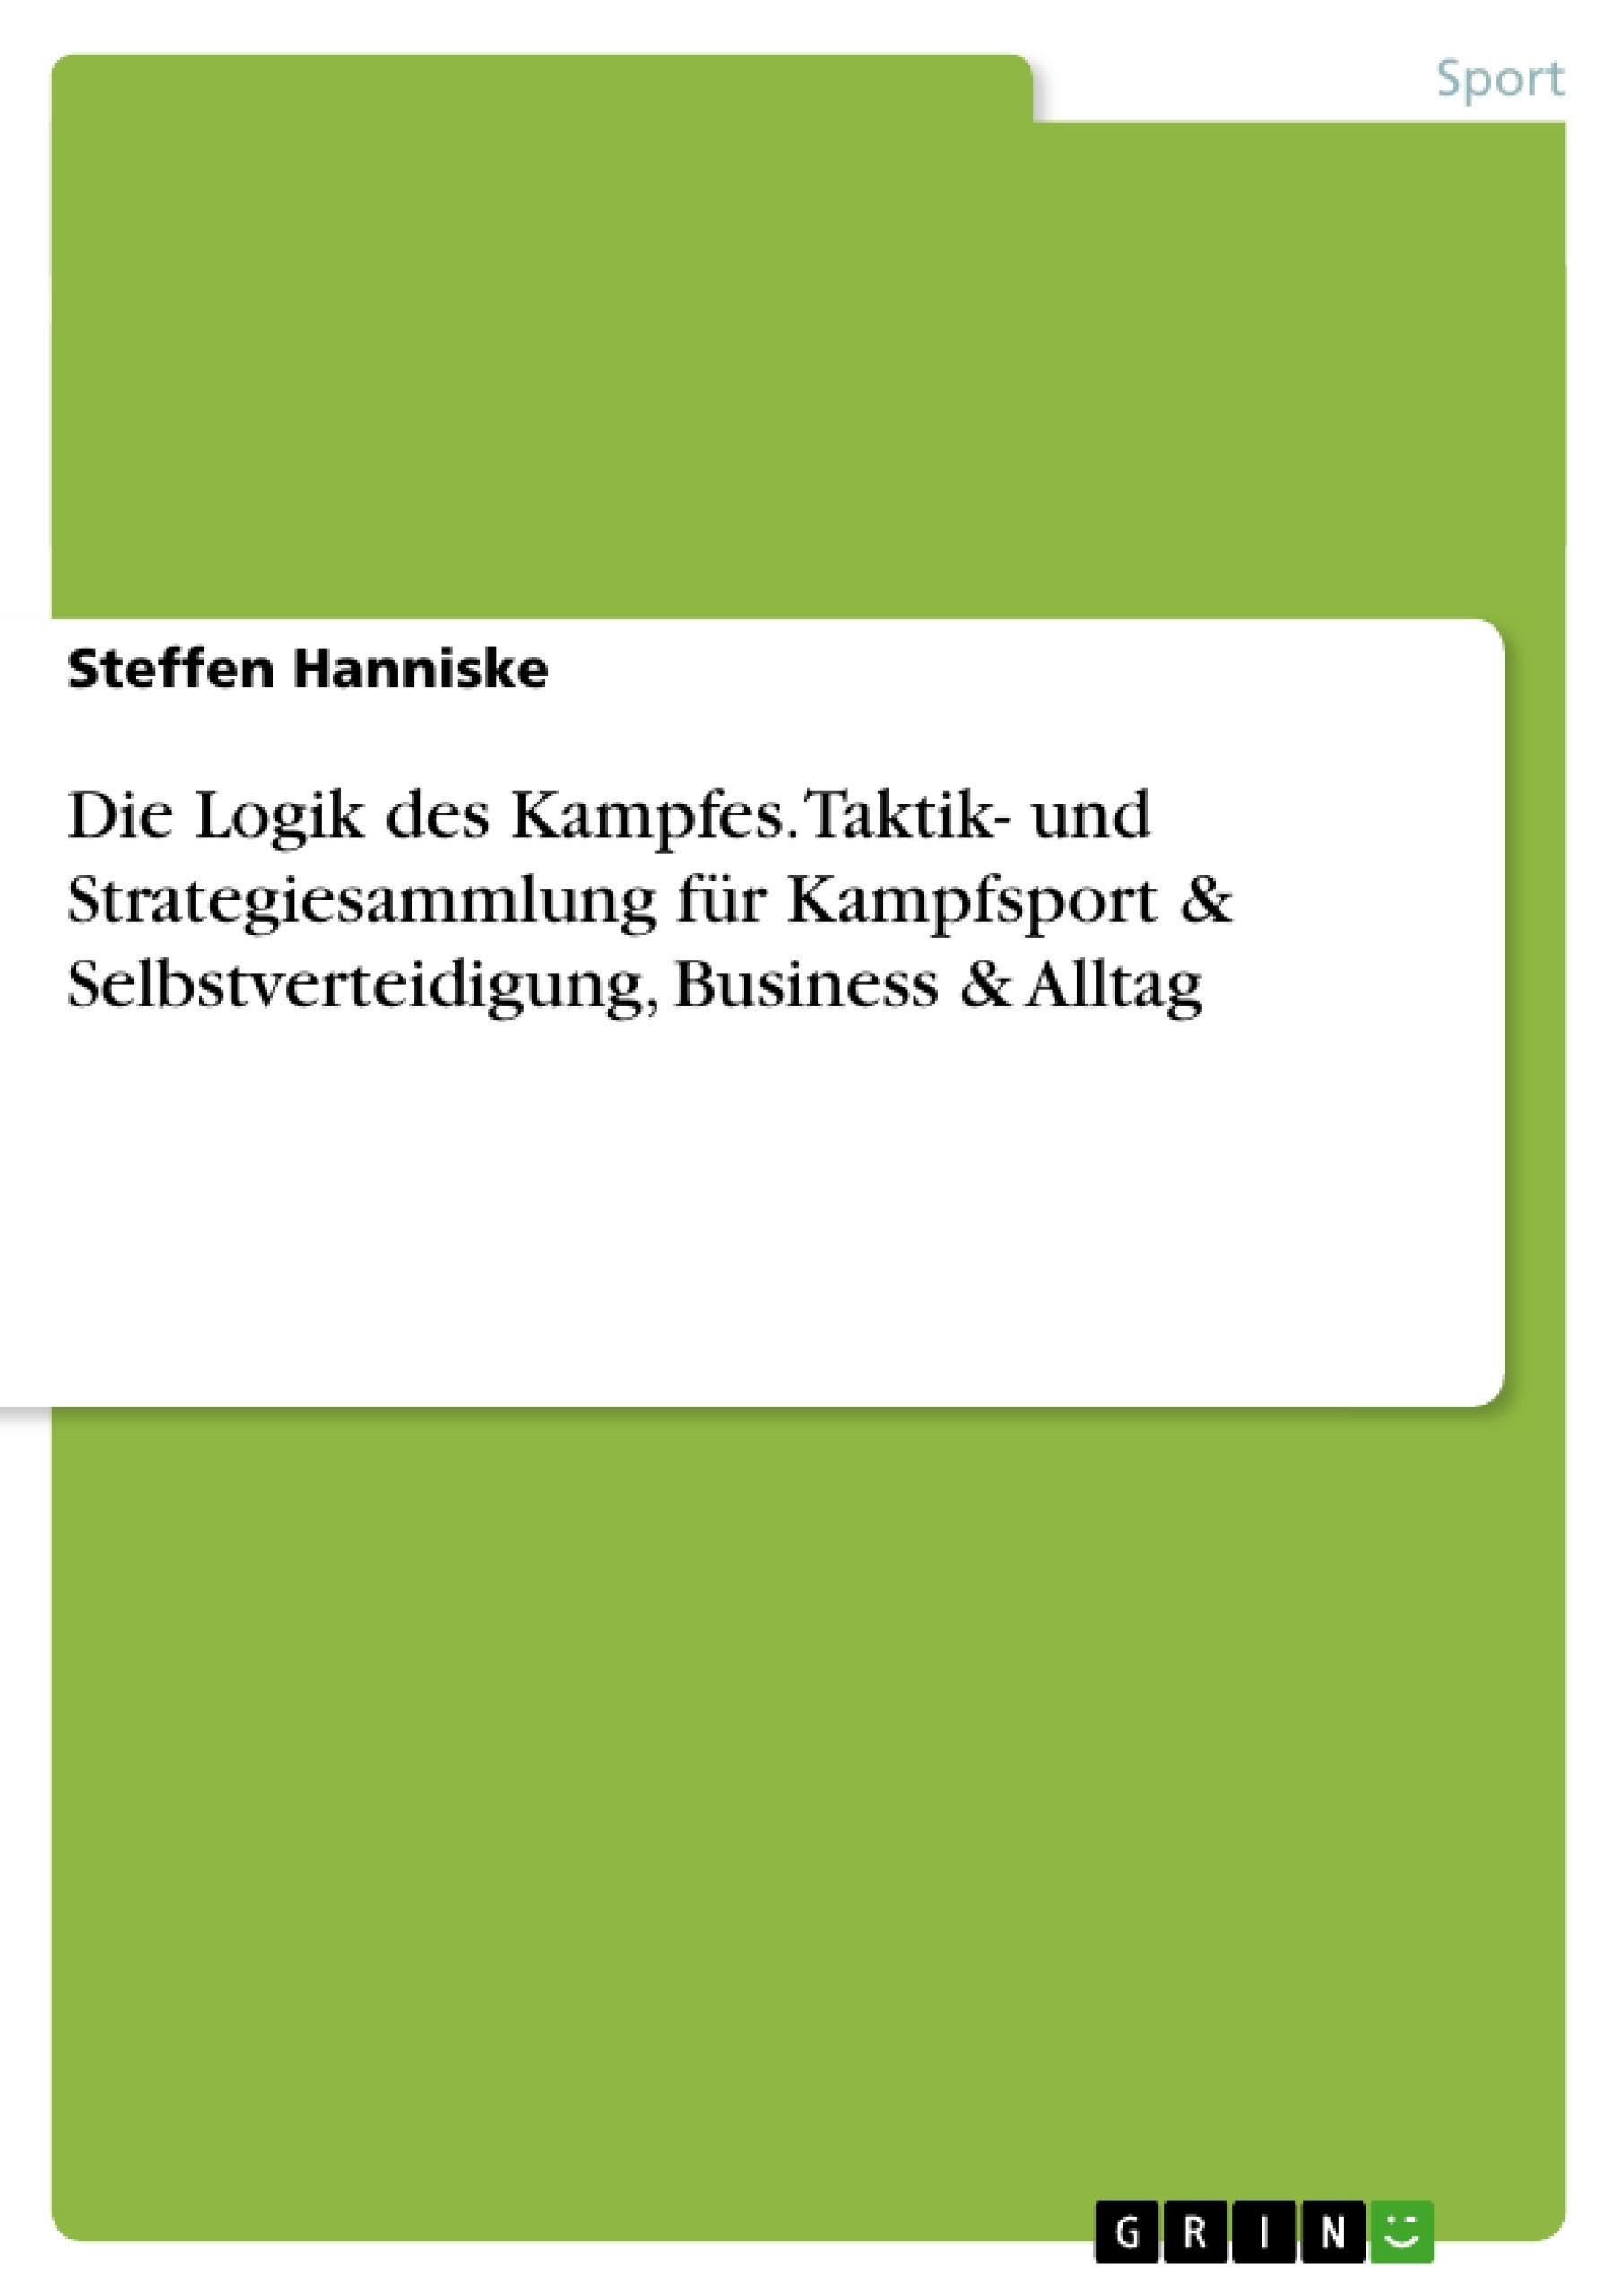 Titel: Die Logik des Kampfes. Taktik- und Strategiesammlung für Kampfsport & Selbstverteidigung, Business & Alltag